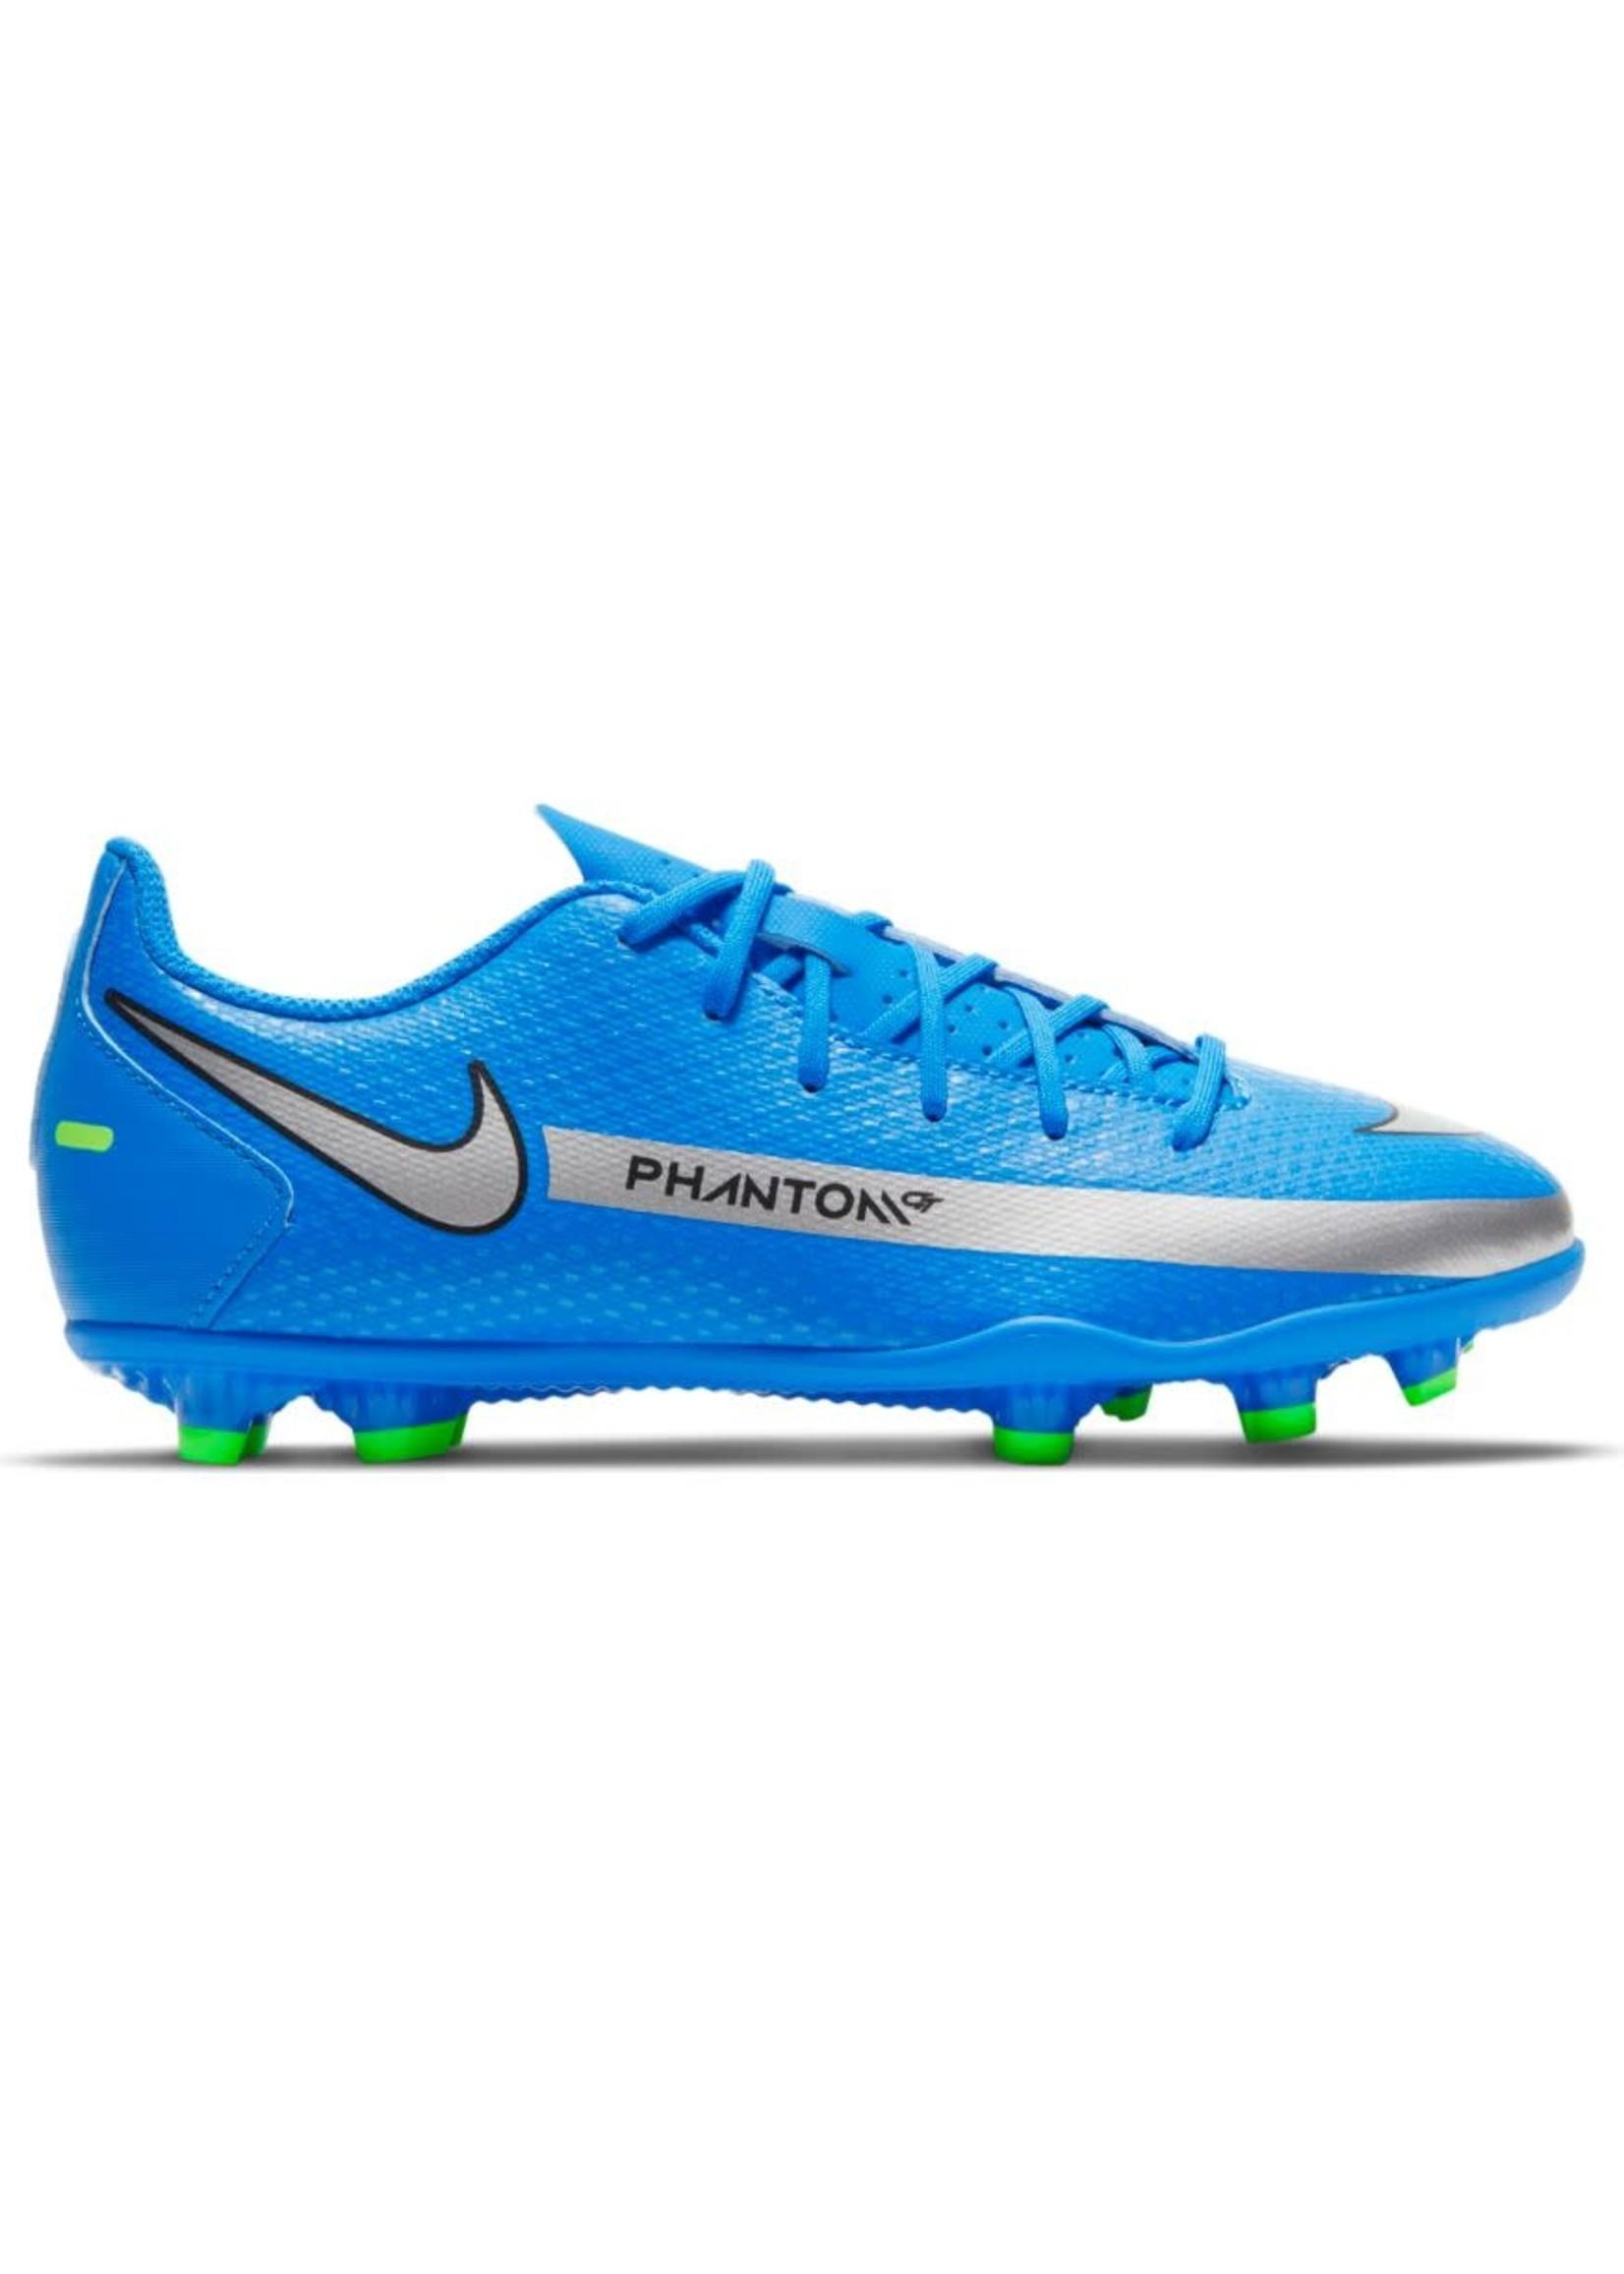 Nike Phantom GT Club FG/MG - Blue/Silver